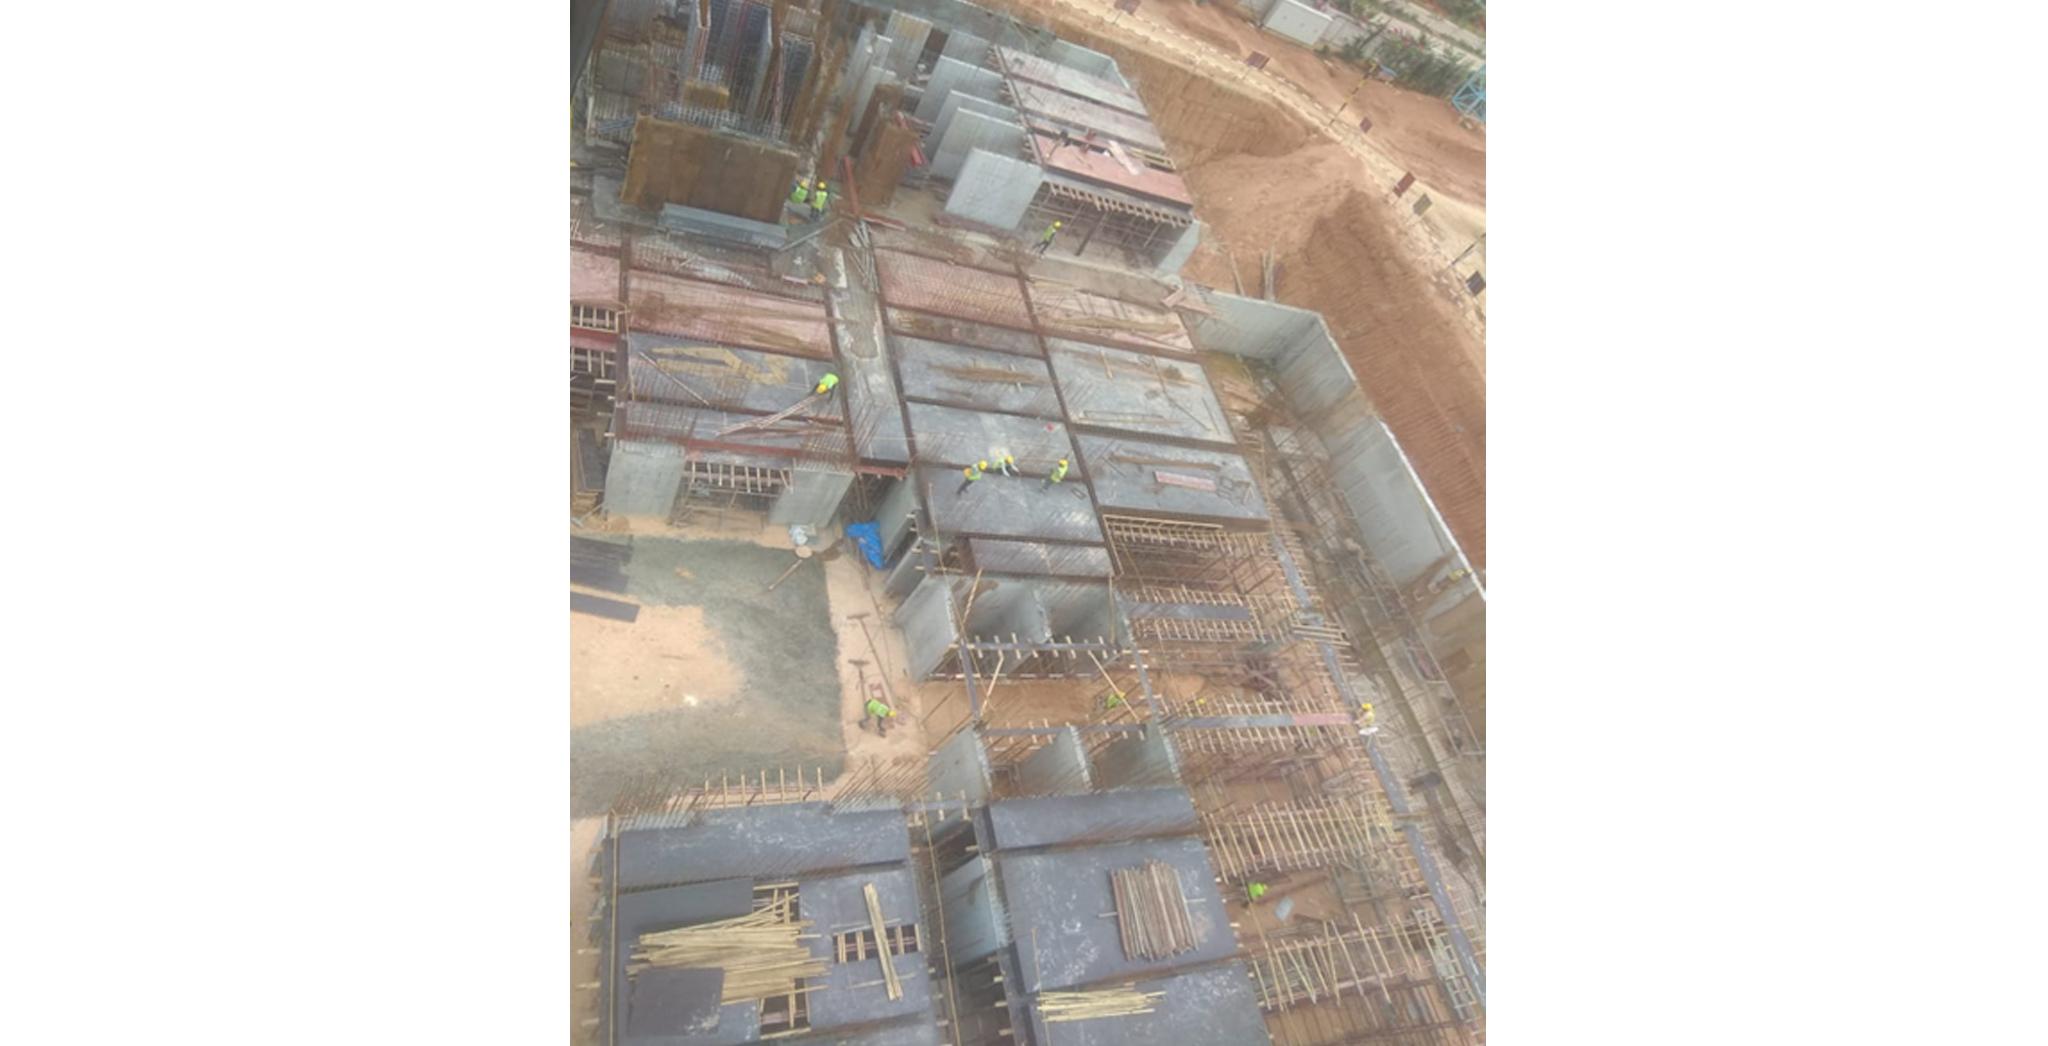 Aug 2021 - Krypton Block: Upper basement Pour-2 slab shuttering in progress